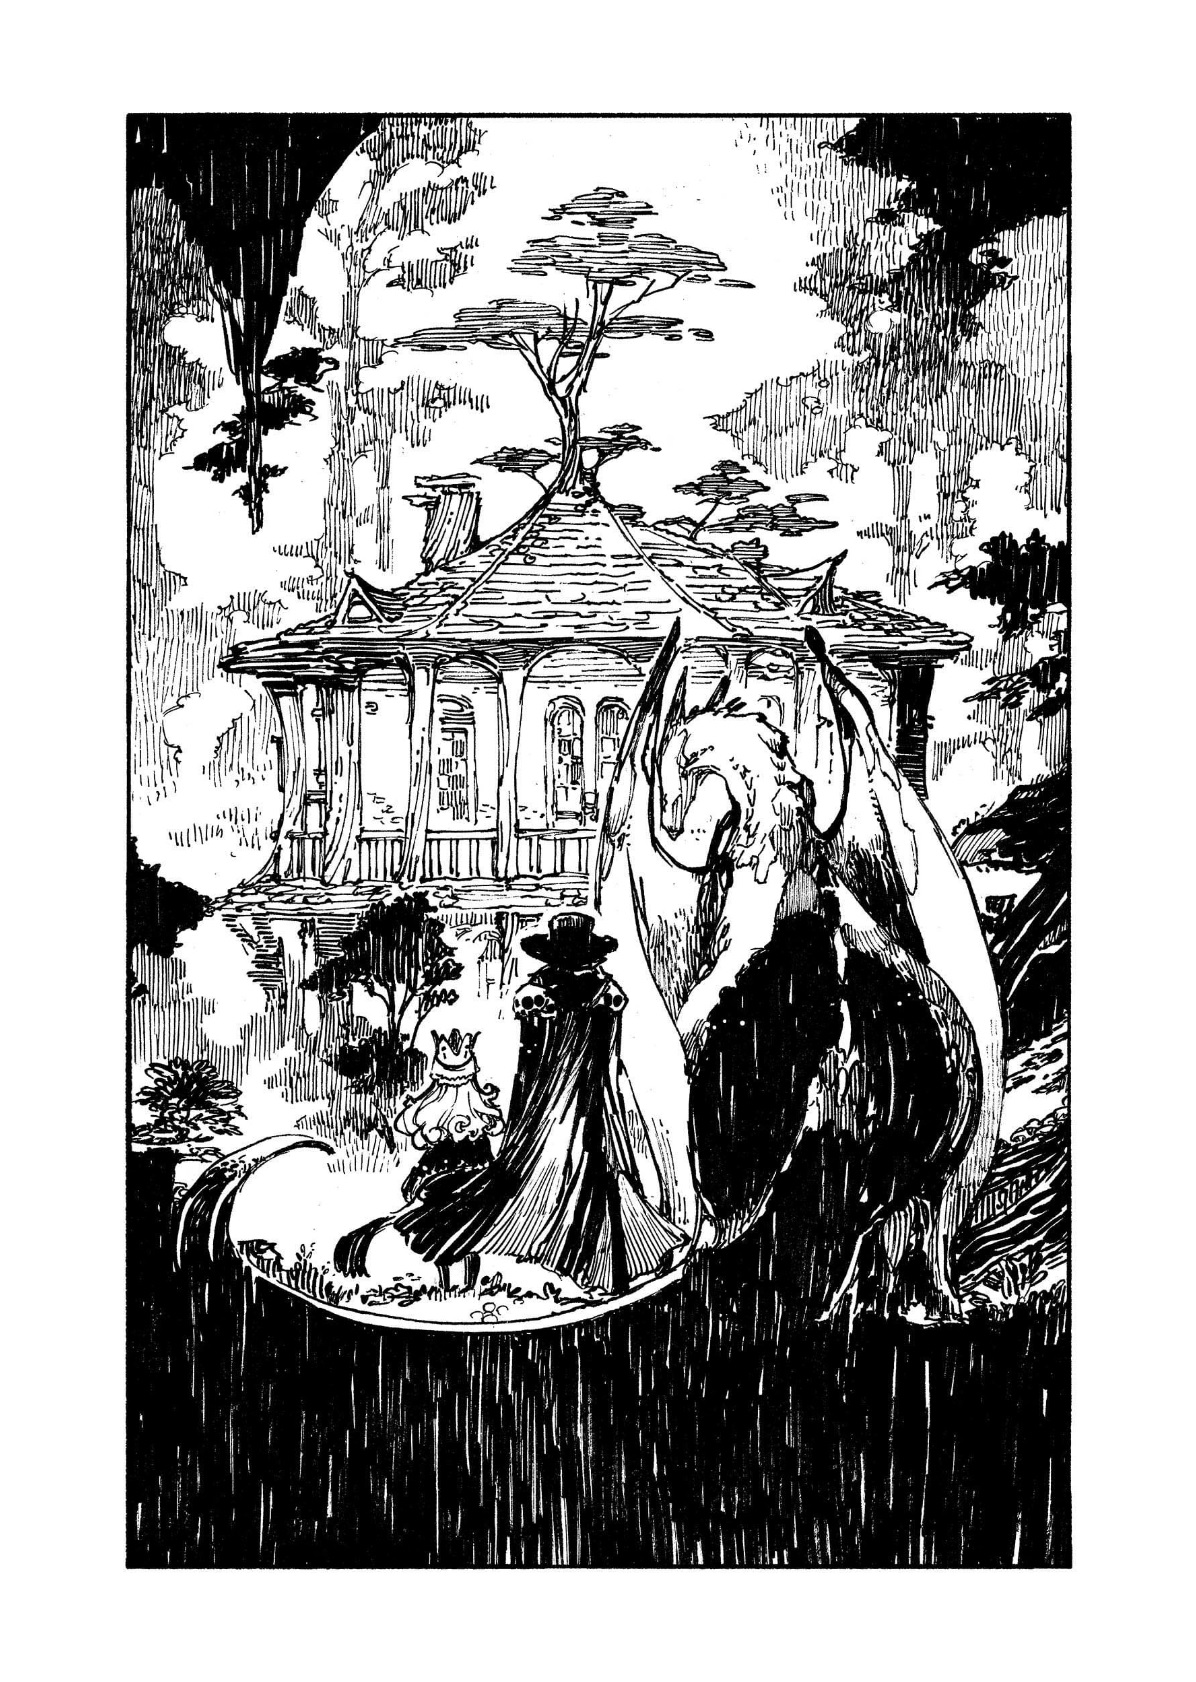 La petite princesse et la forêt enchantée - dragon